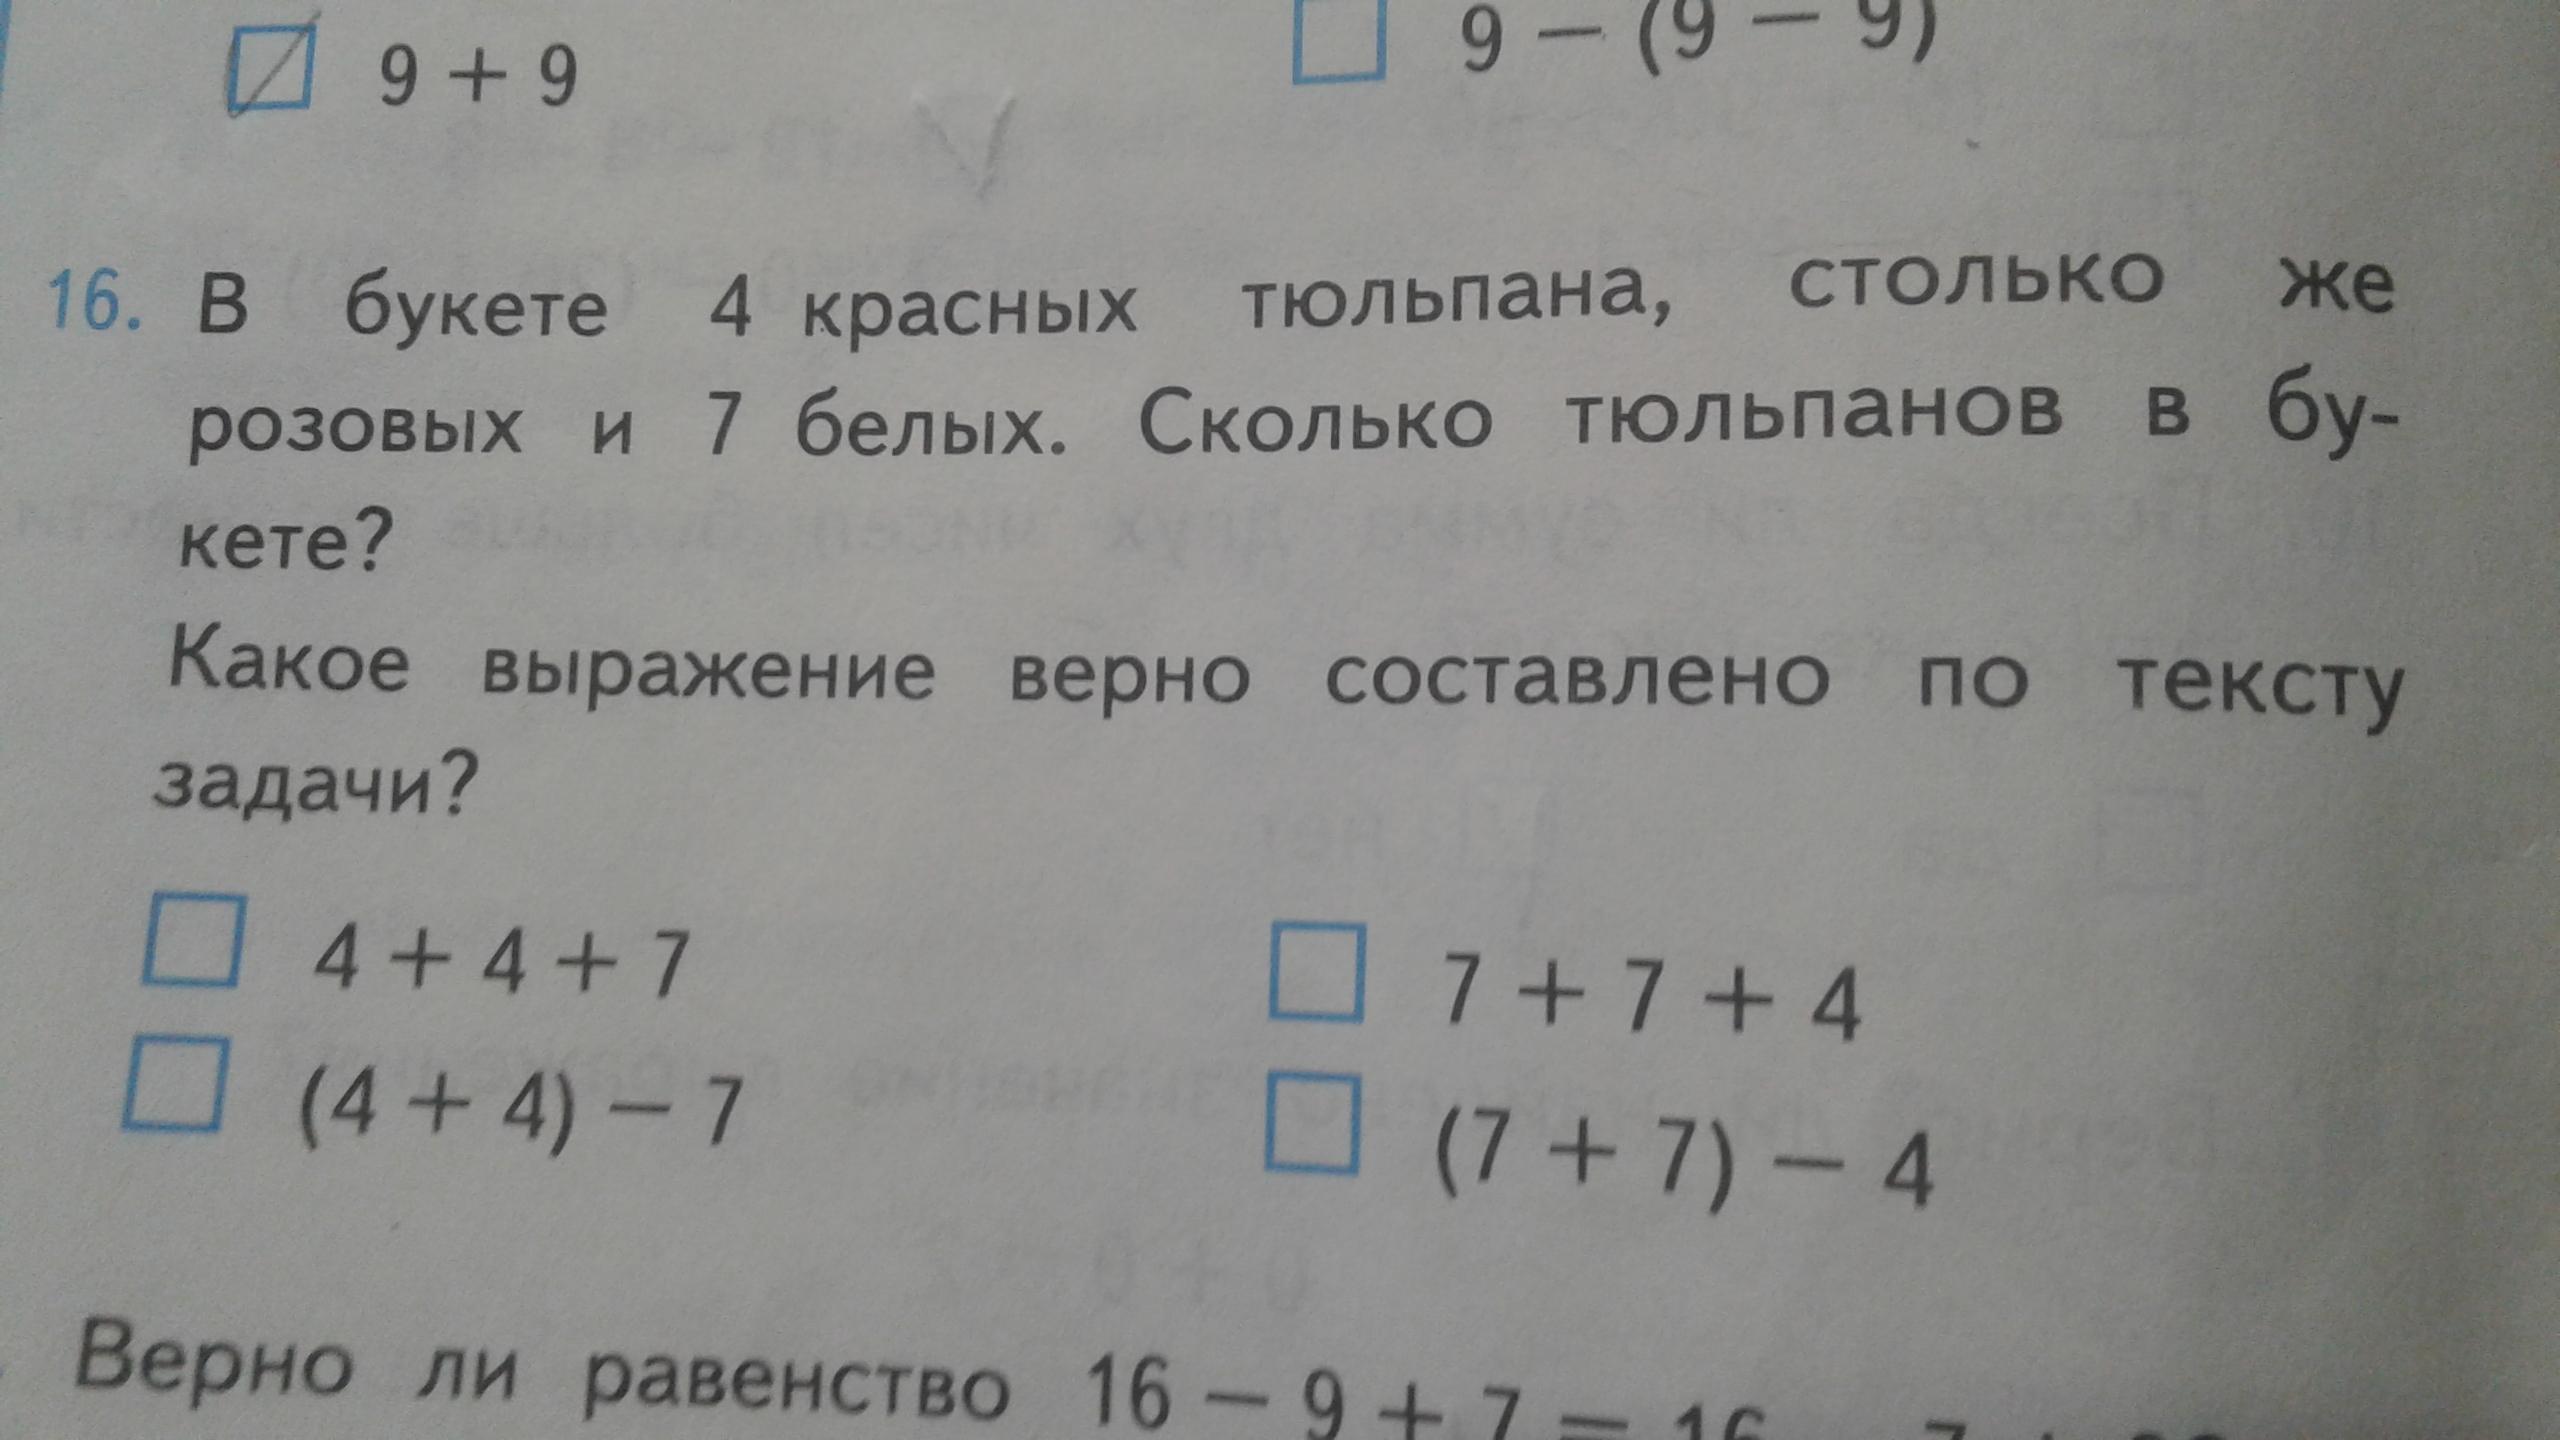 Пожалуйста помогите номер 16